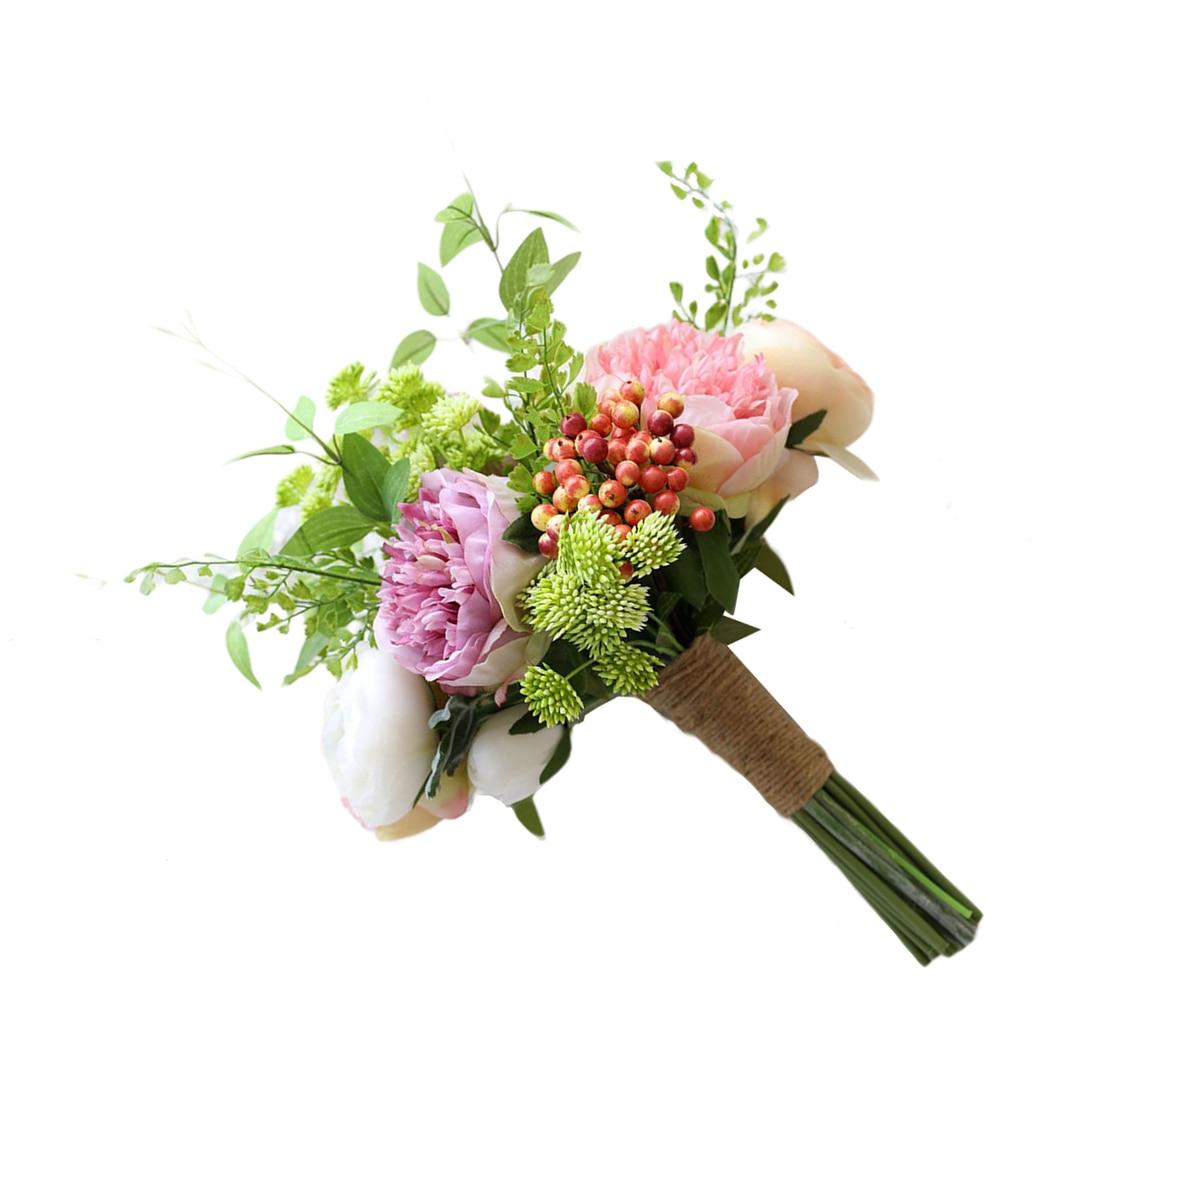 1 Bund Hochzeit Bouquet Simulation Blume Beere Künstliche Pfingstrose Festival Hochzeit Braut Mit Blume Foto Prop GüNstige VerkäUfe